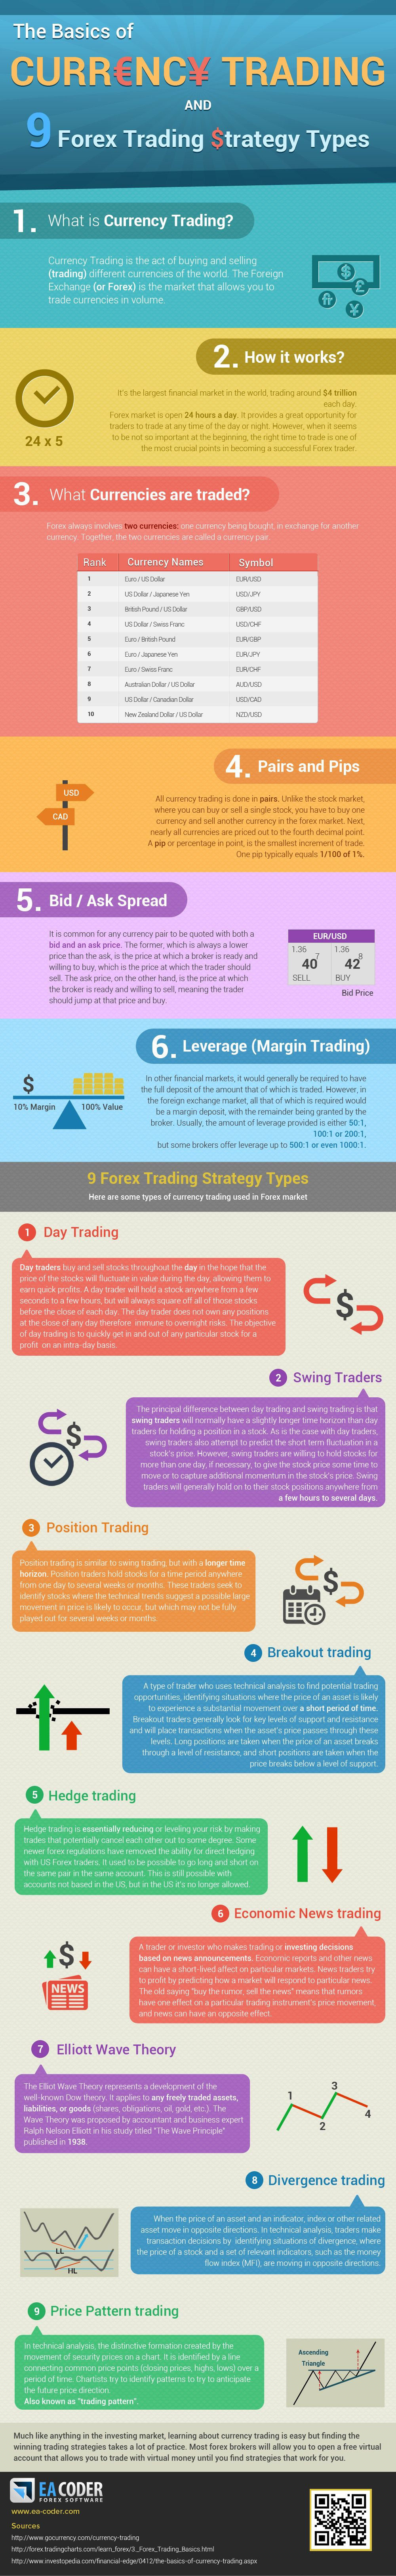 Forex trading tutorial app